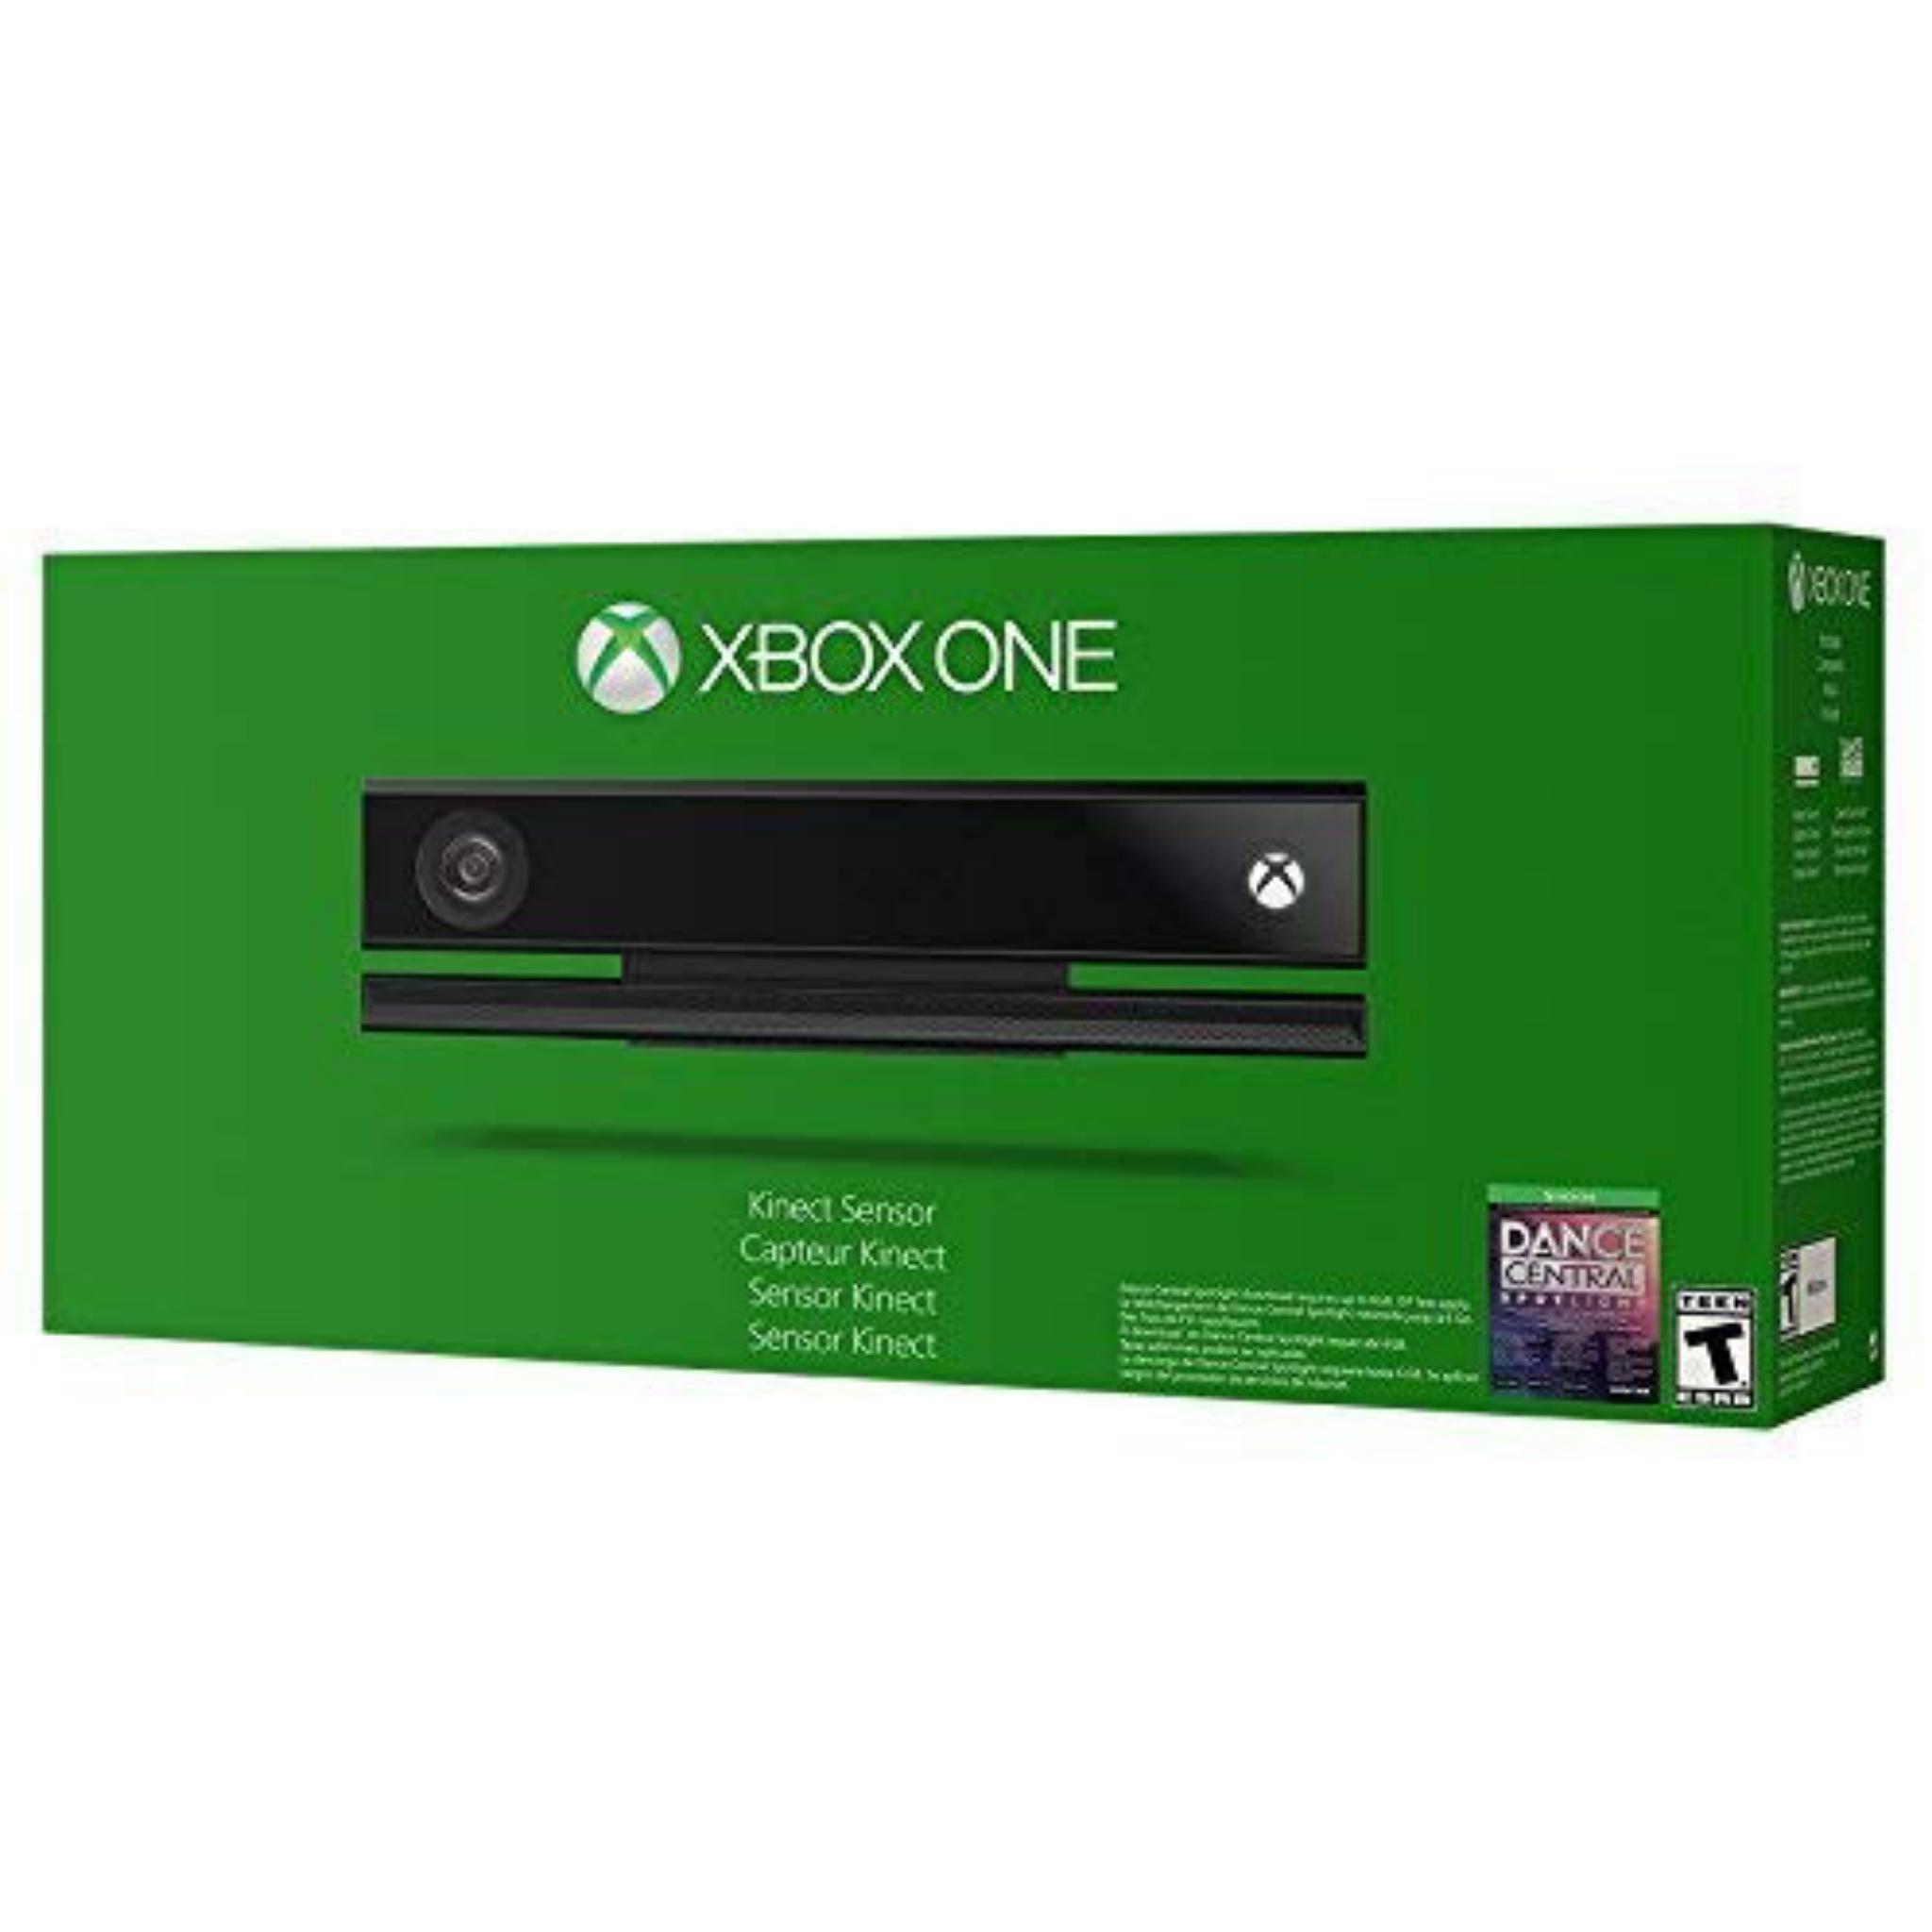 Xbox One Kinect Sensor - Kinect Sensor Edition